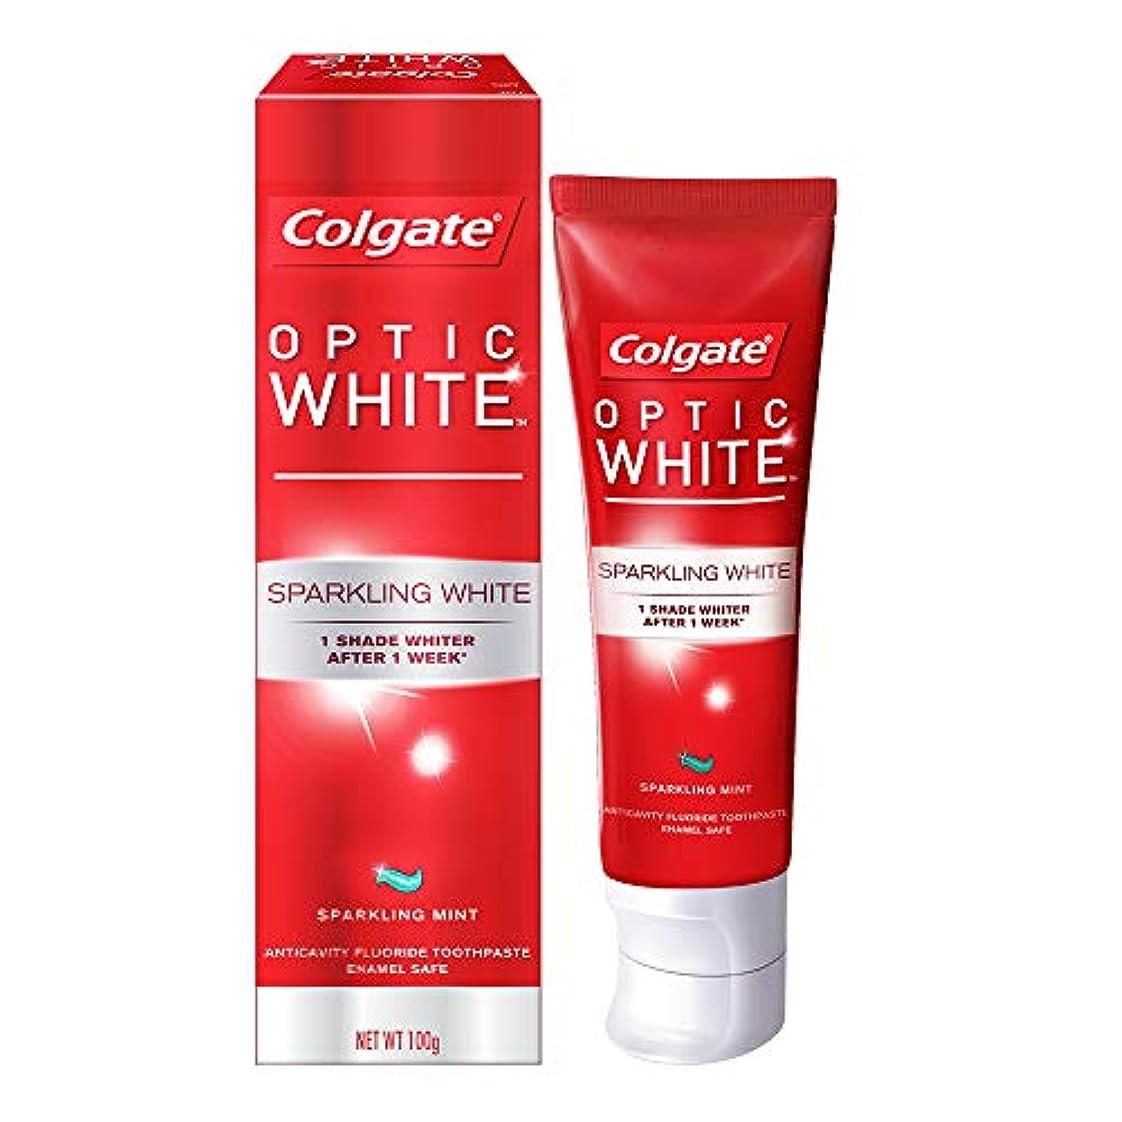 公同様に誇張するコールゲート オプティック ホワイト スパークリングシャイン 100g 歯磨き粉 Colgate Optic White Sparkling Shine 100g Tooth Paste